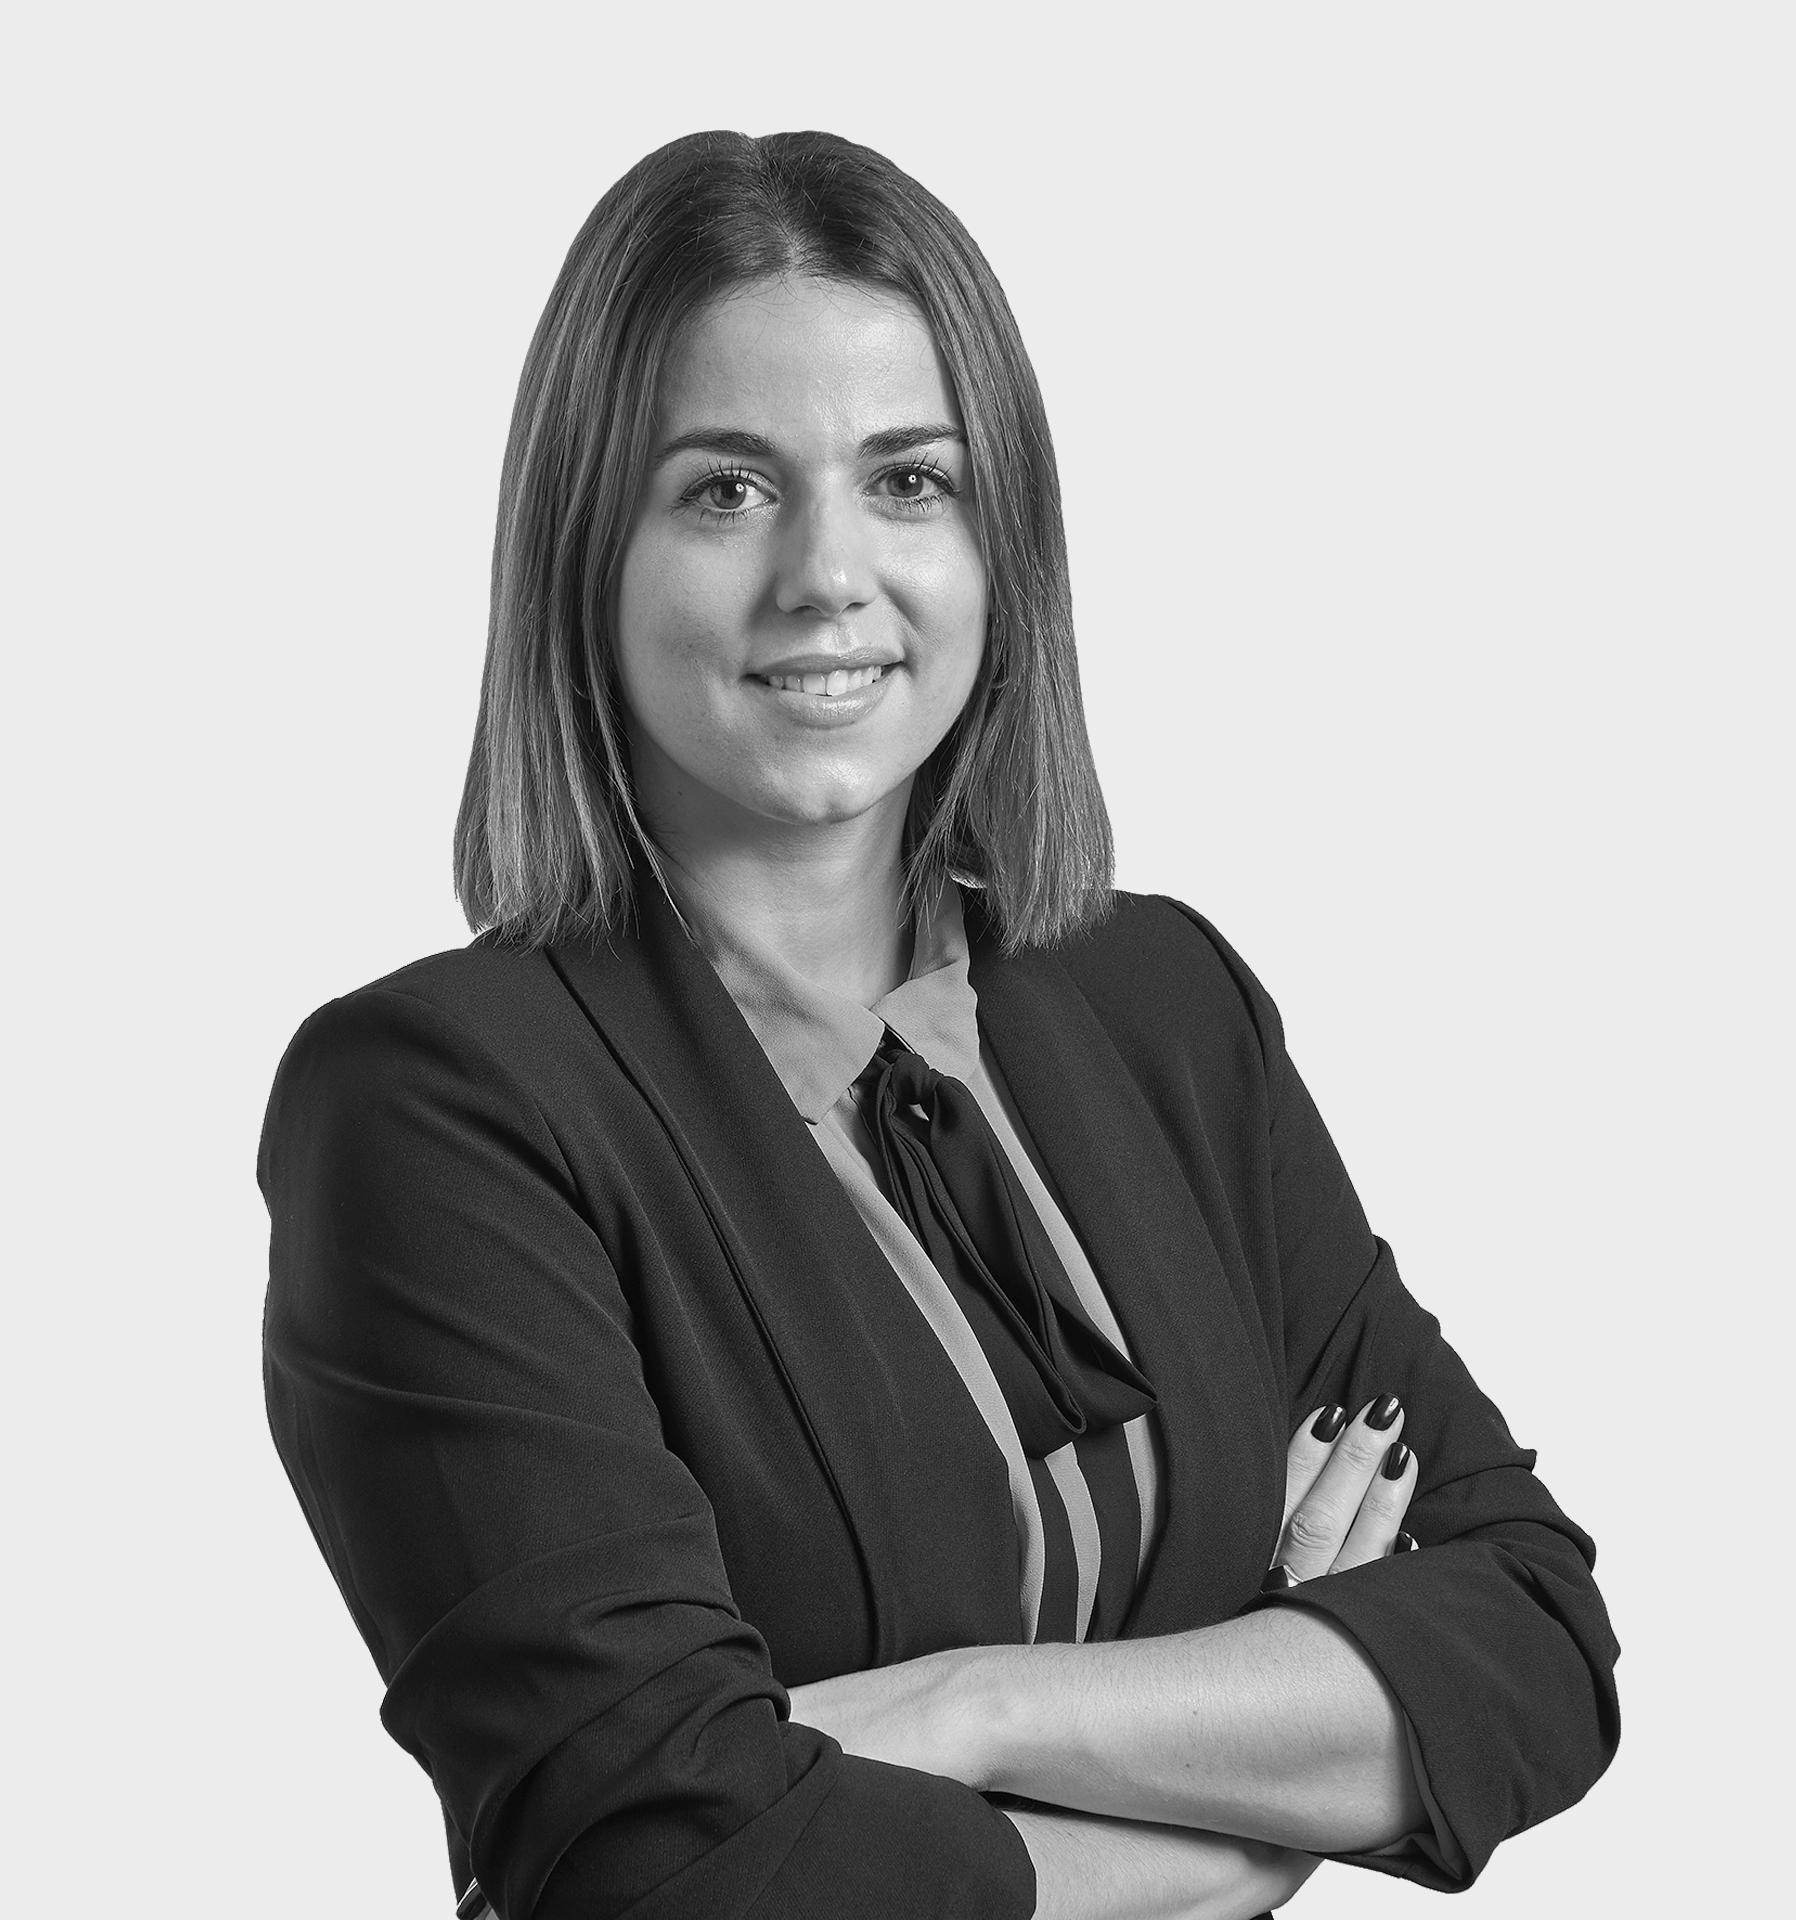 Elisa Fontova